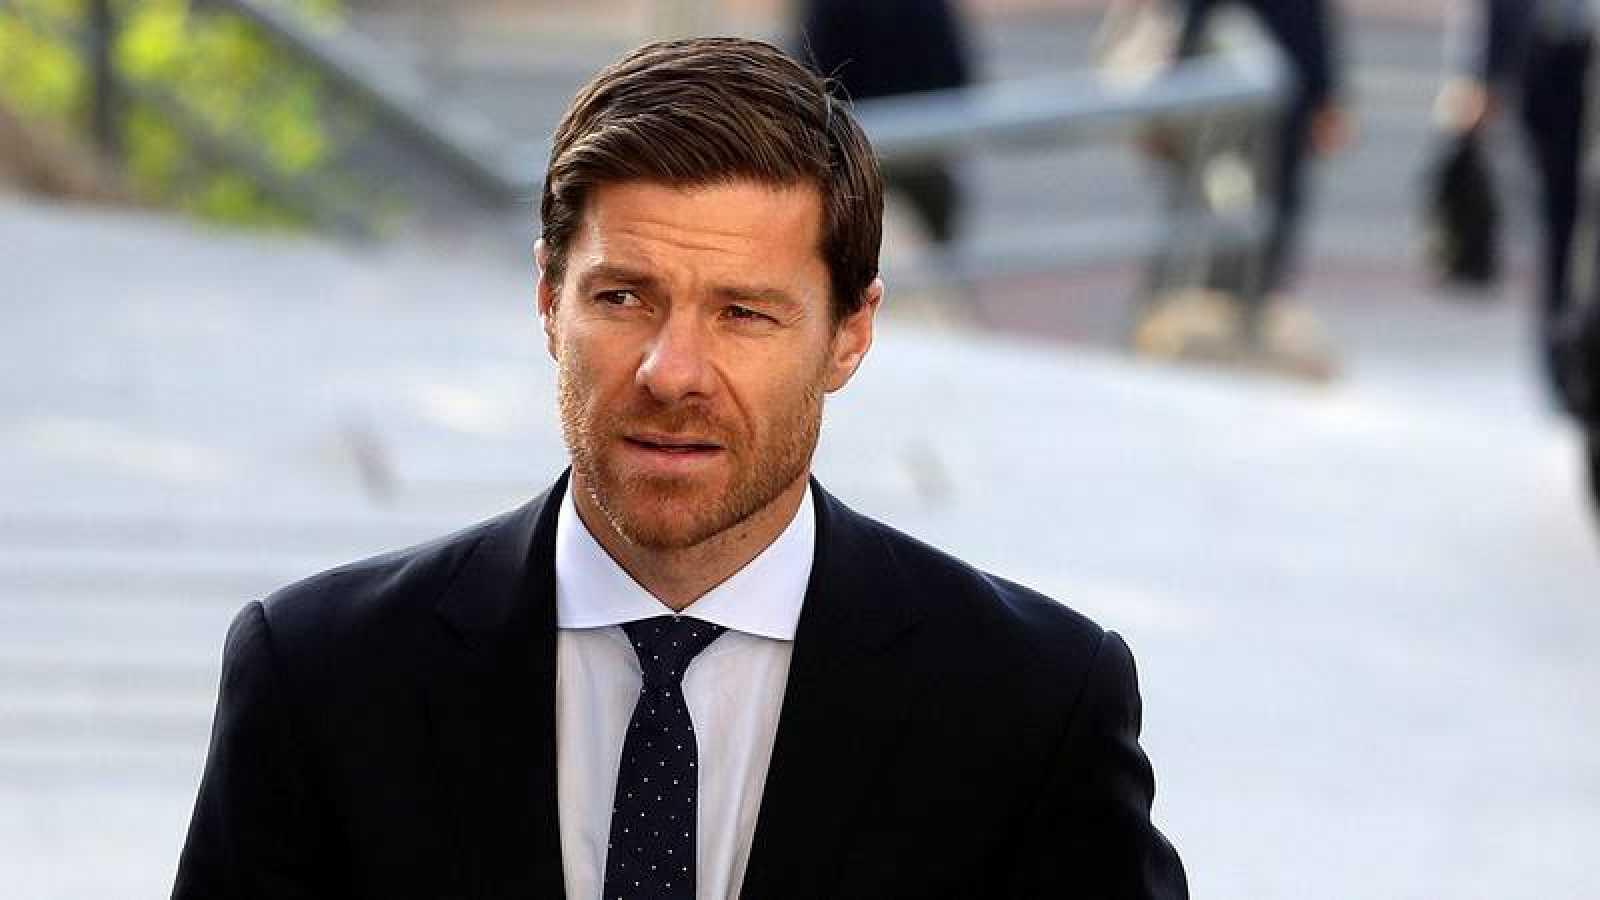 El exfutbolista español Xabi Alonso llega a la Audiencia Provincial de Madrid.